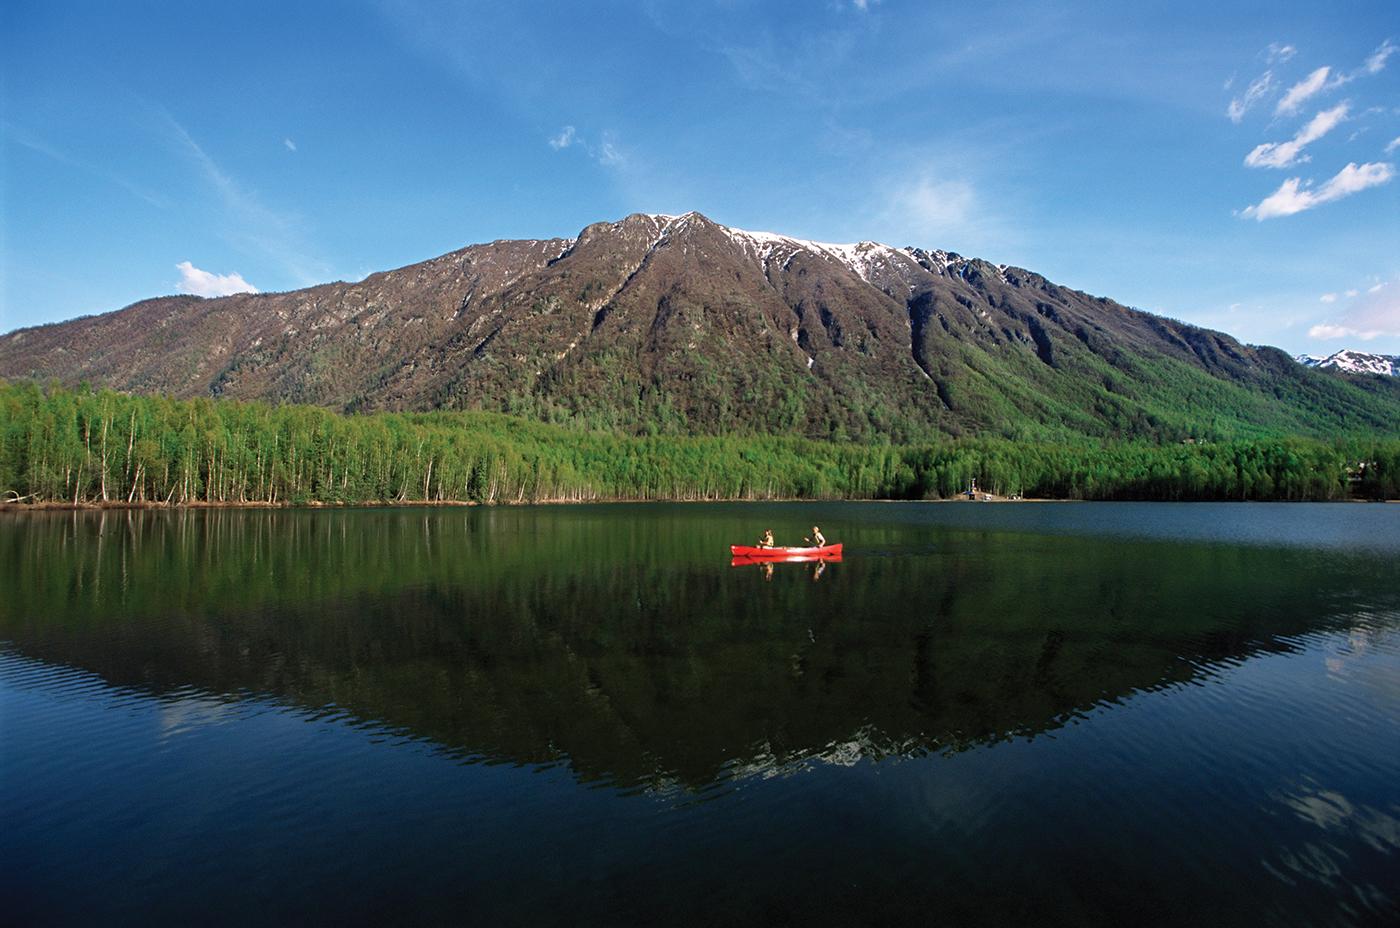 Mirror Lake, Chugach Mountains, Anchorage, Alaska. Alison Wright/Aurora Photos